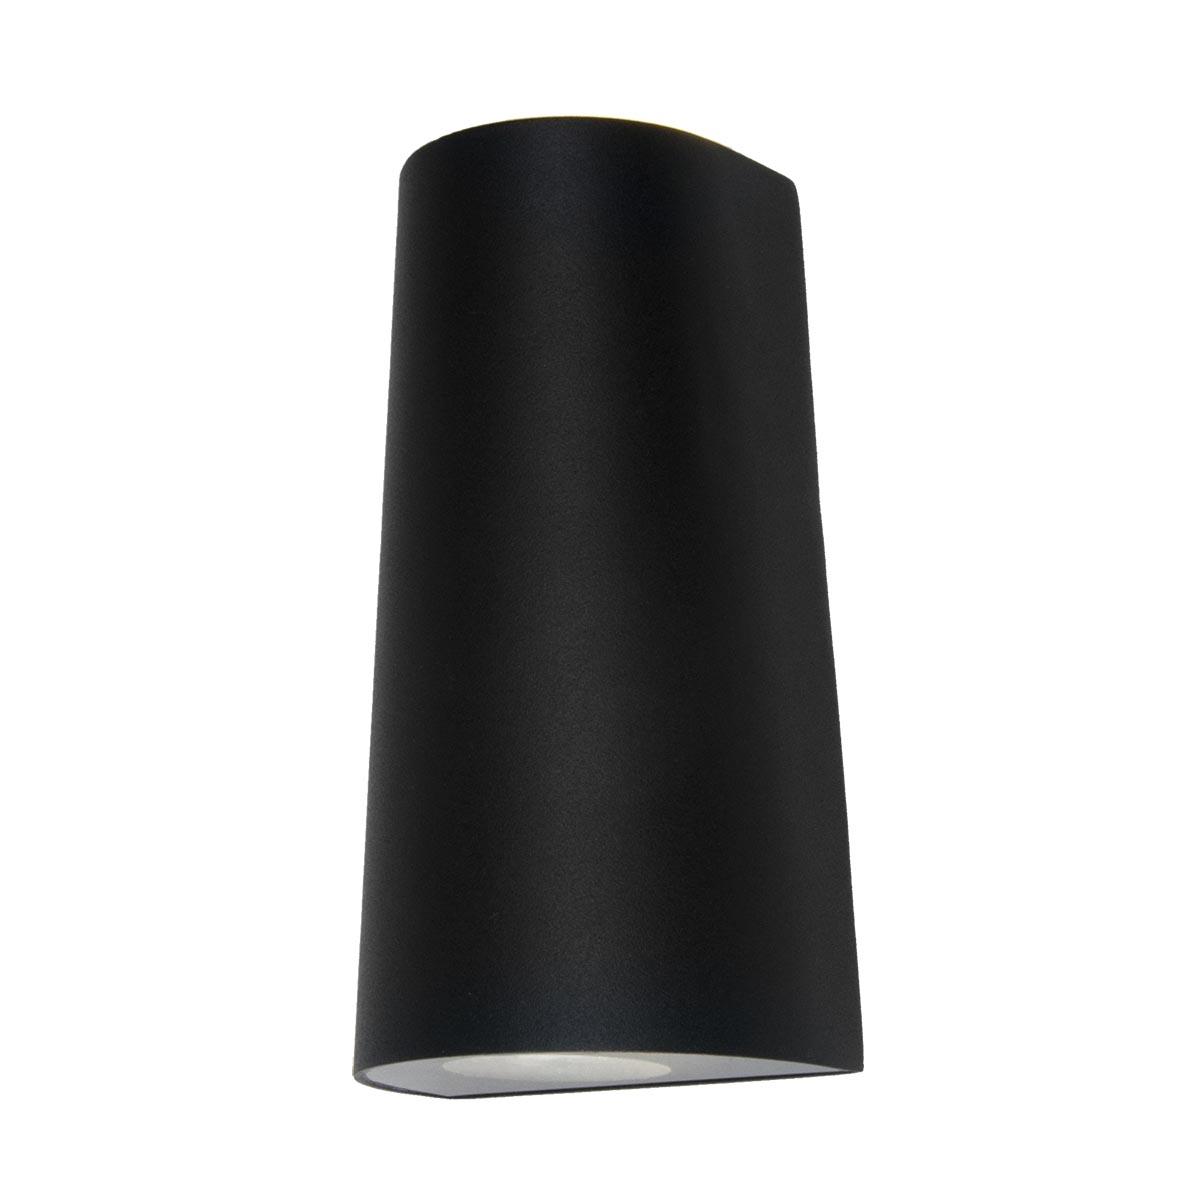 Светильник Elektrostandard 4690389150135 Glow светильник elektrostandard 4690389150111 glow